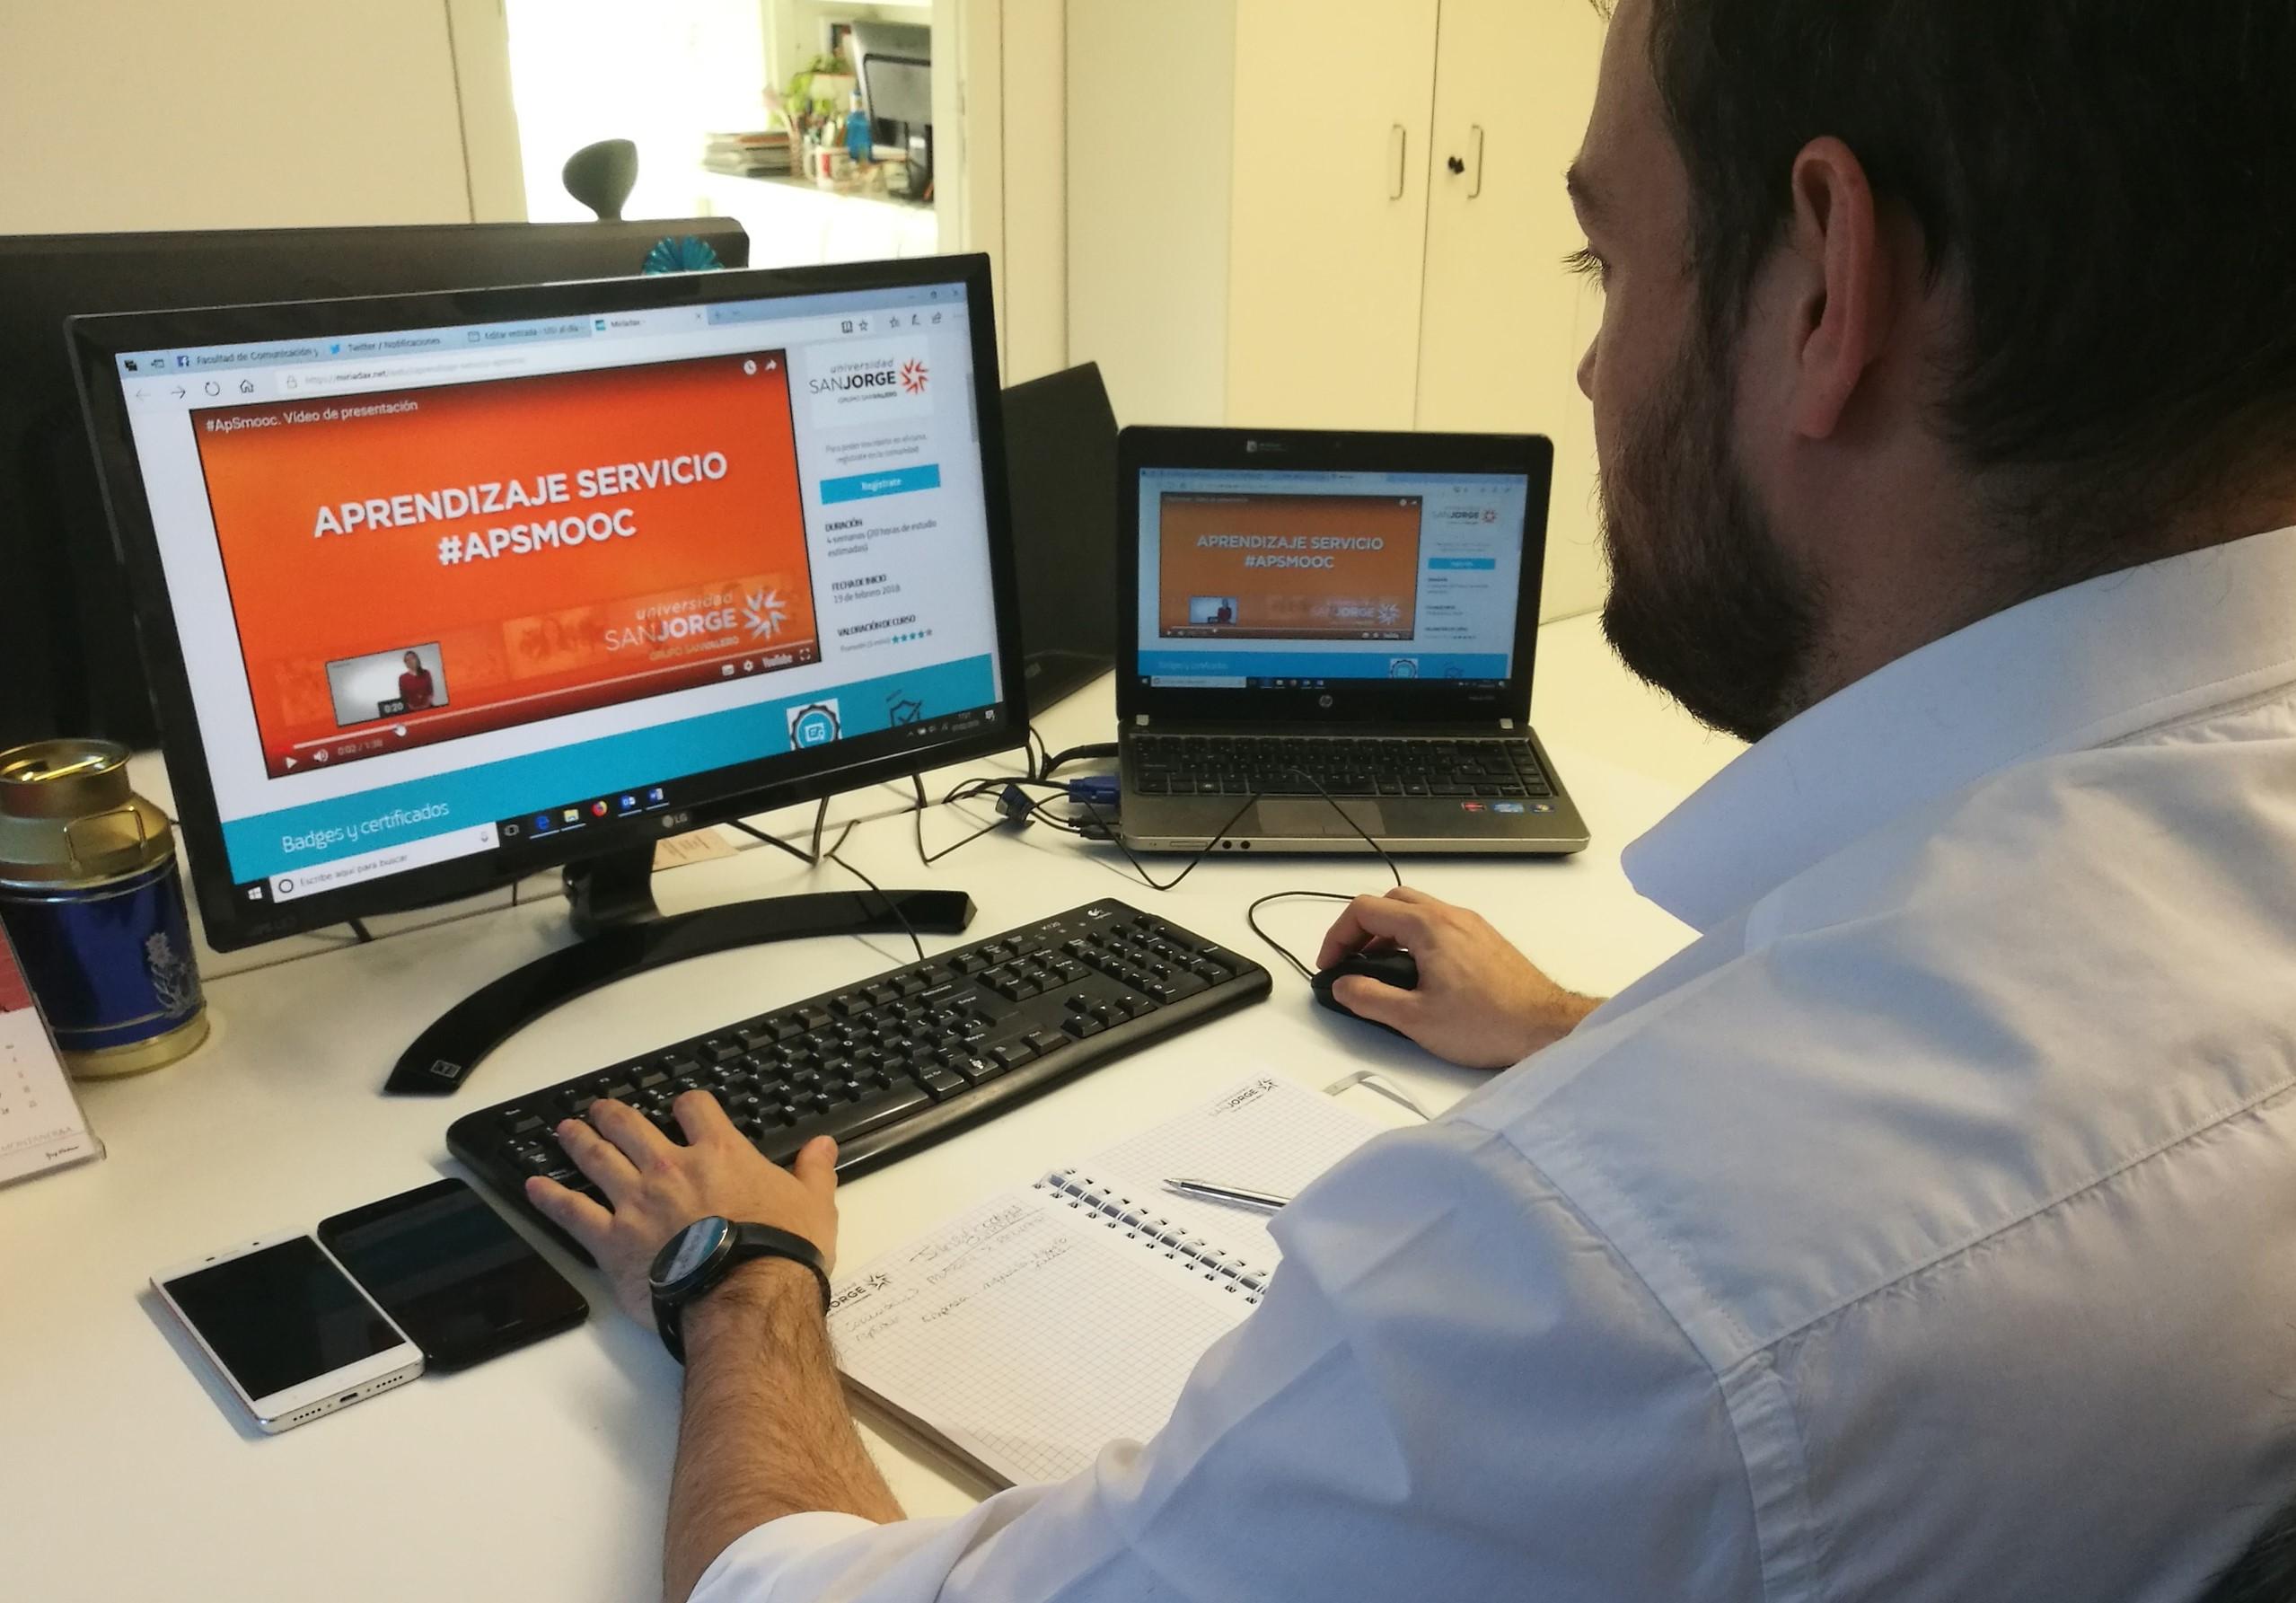 La Universidad San Jorge lanza un curso online y abierto sobre Aprendizaje Servicio